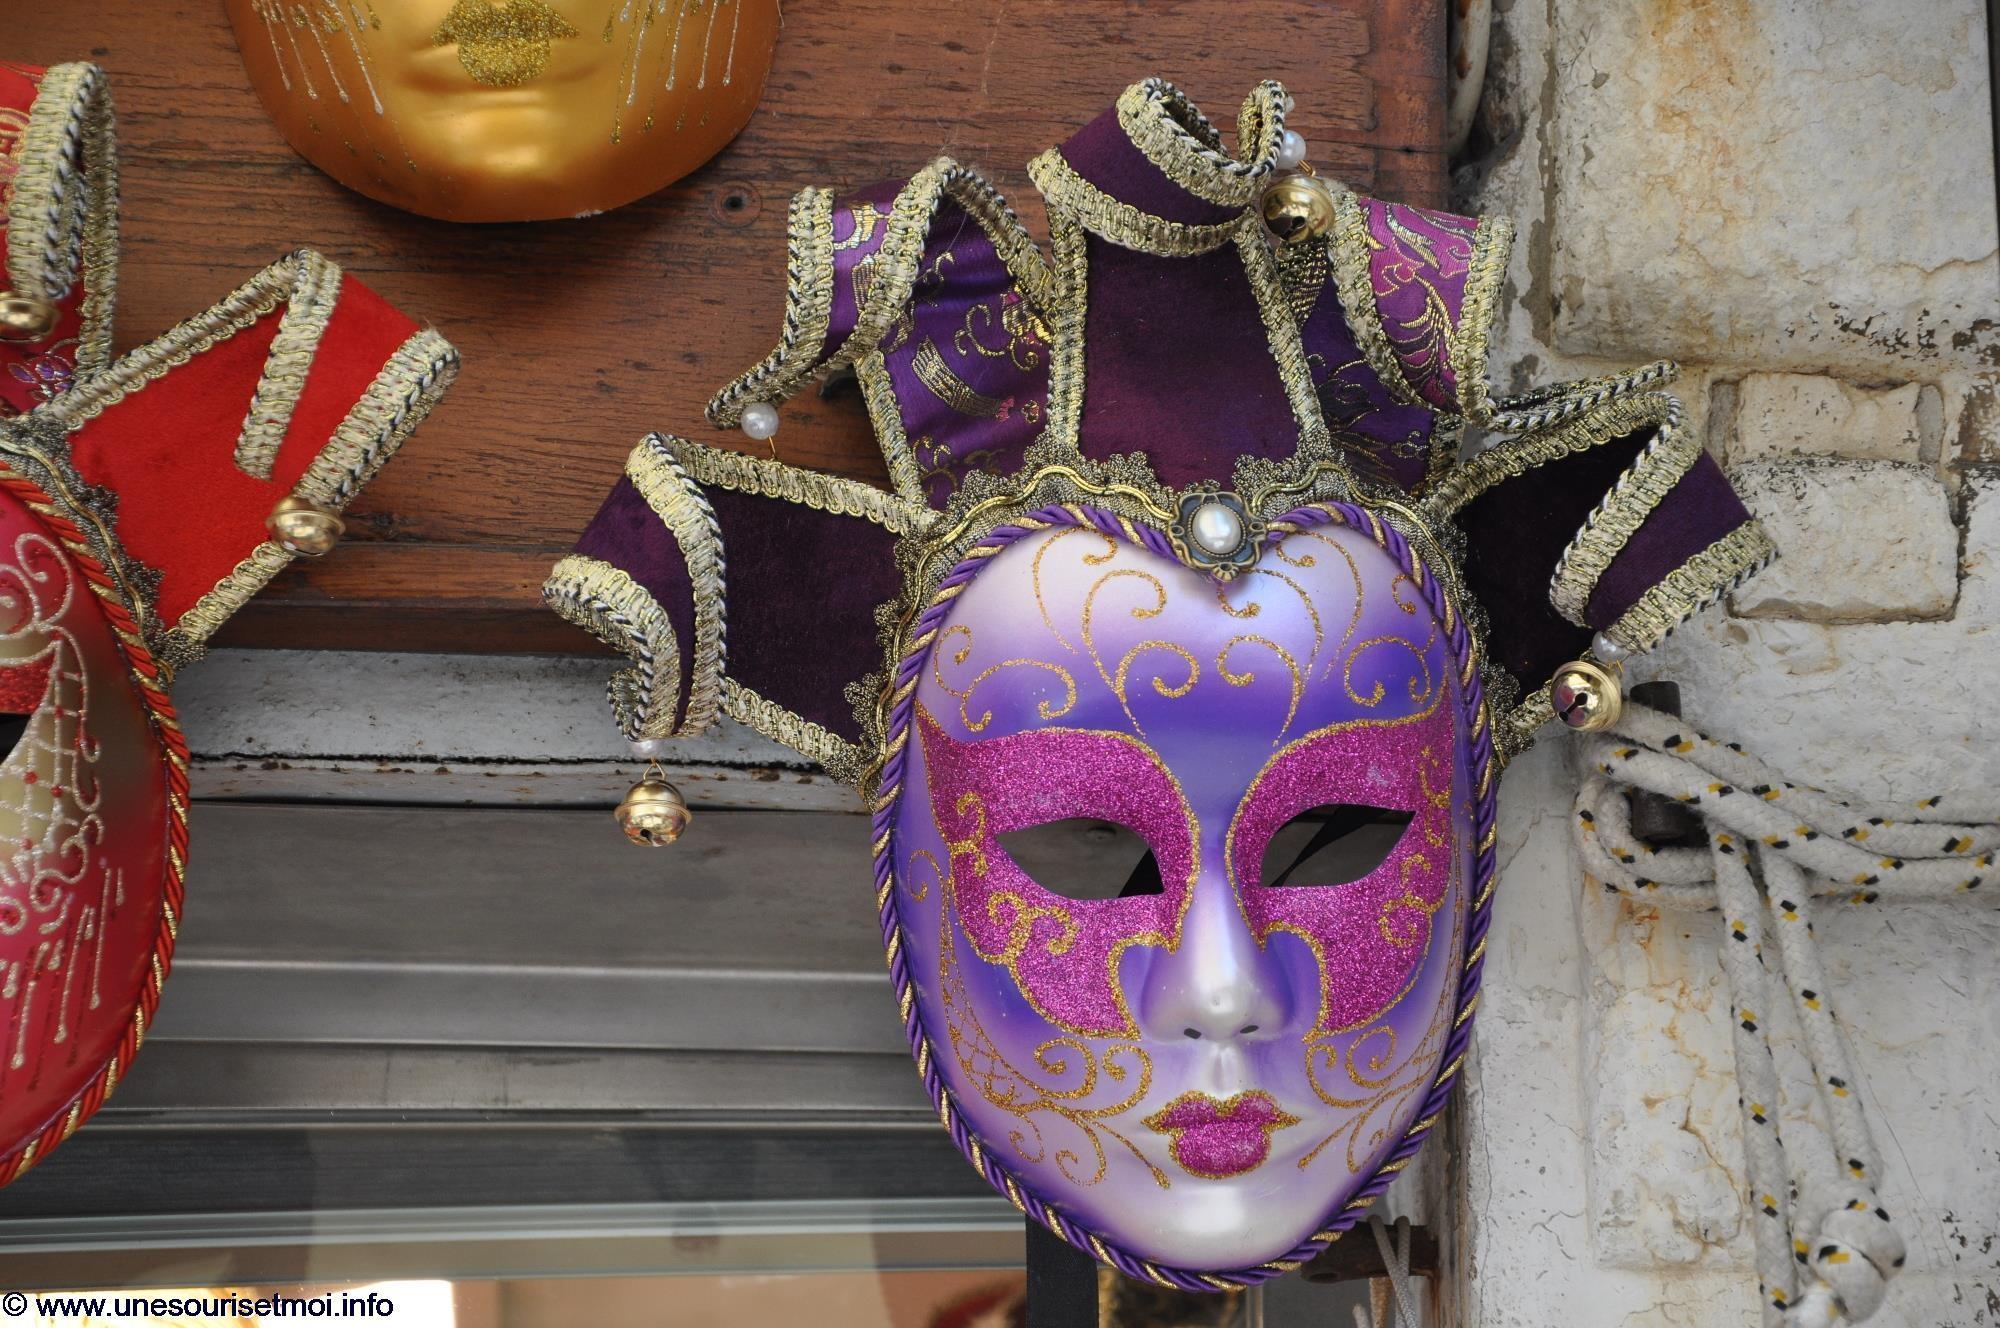 venise-masque-carnaval-exposition-photo-passion-et-voyage